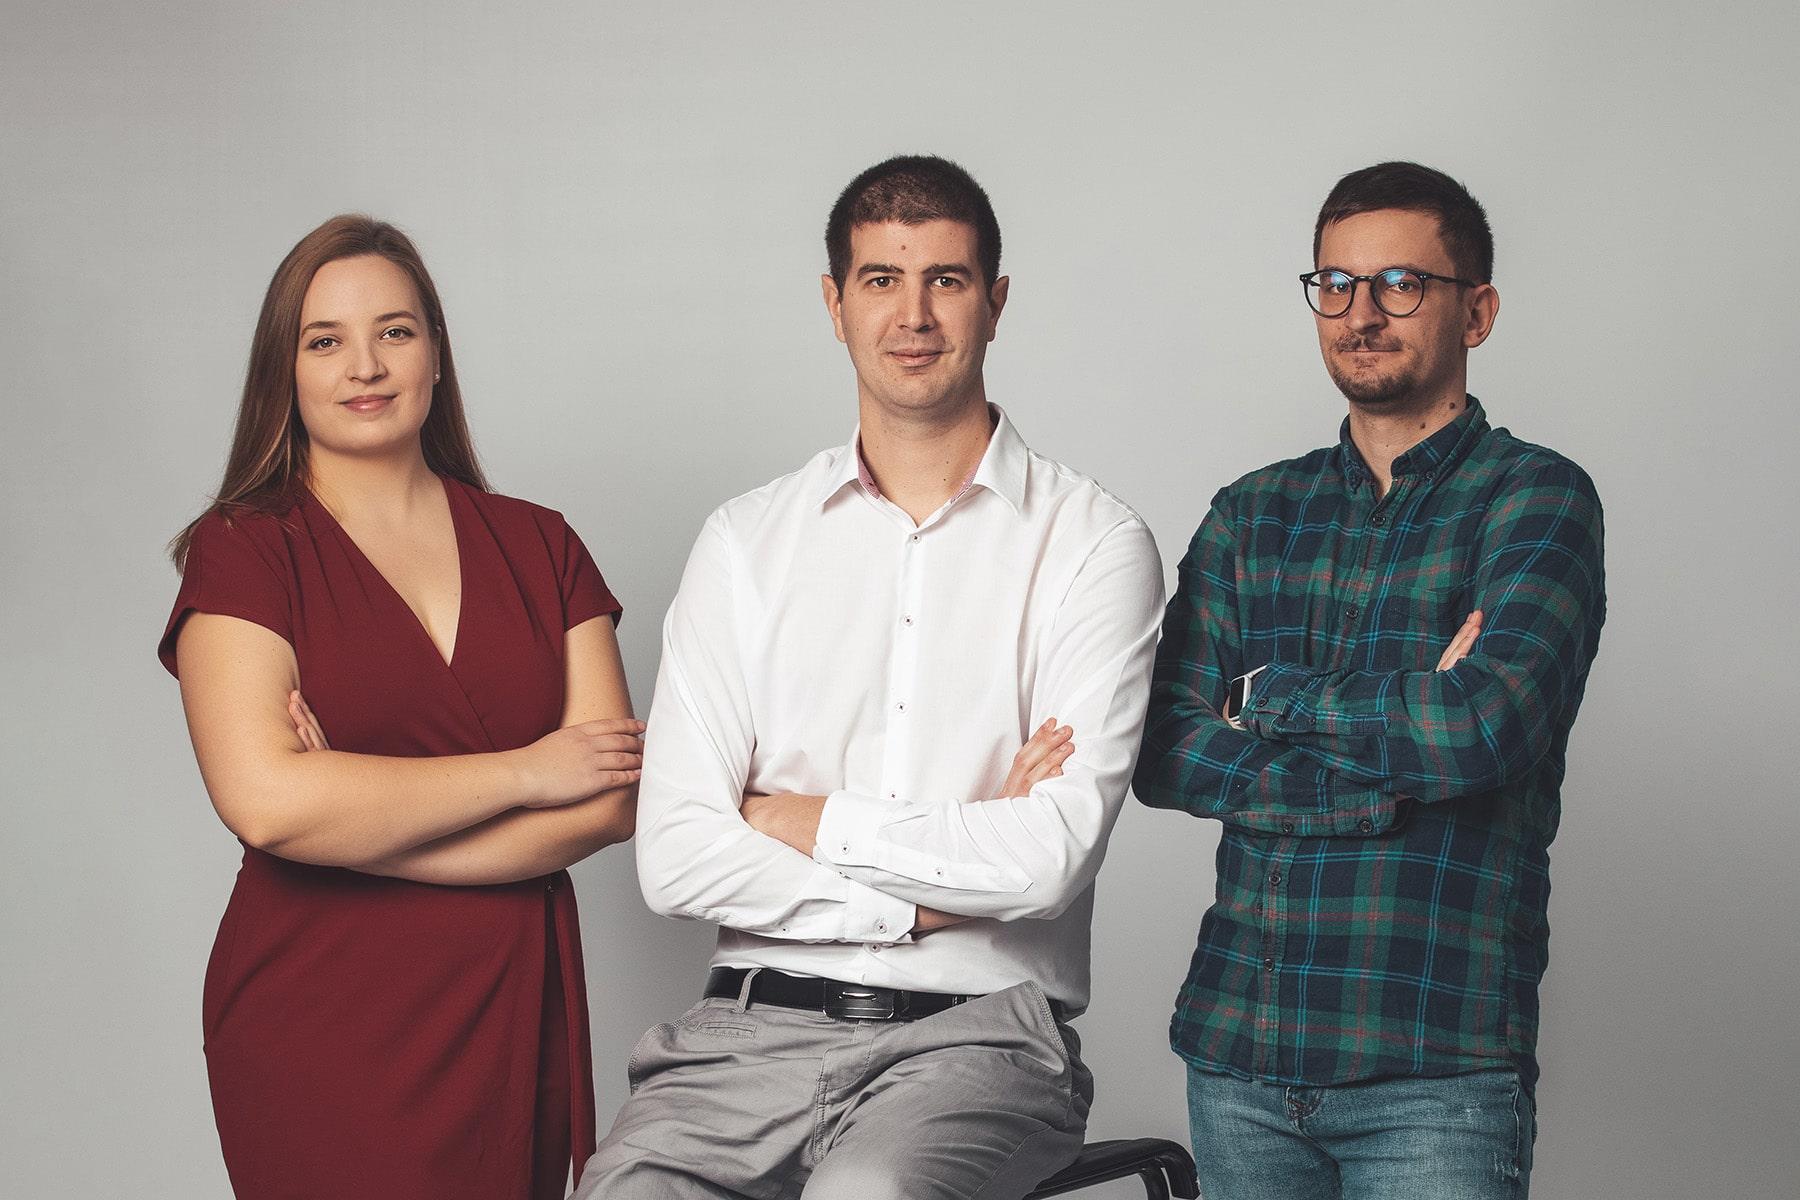 FutureManagement - Szeretjük, amit csinálunk. Értünk hozzá. Szeretjük azt is, ahogyan dolgozunk. Adatvezérelten, csapatban, ügyfeleink sikere érdekében. Együtt válunk naggyá. Hiszünk a komplex kampányokban, mert így képesek vagyunk kihasználni a rendszerek szinergiáját. Szeretjük a Google hirdetéseket, mert problémákra nyújtunk megoldásokat. Szeretjük az Instagramot, mert arcot ad a márkának. Szeretjük a Facebookot, mert látványos kreatívokkal és célzott hirdetésekkel az emberek azt kapják, amit keresnek. Hiszünk a hírlevelekben, mert történetet mesélnek. Szeretjük a cikkeket, mert tanítanak.